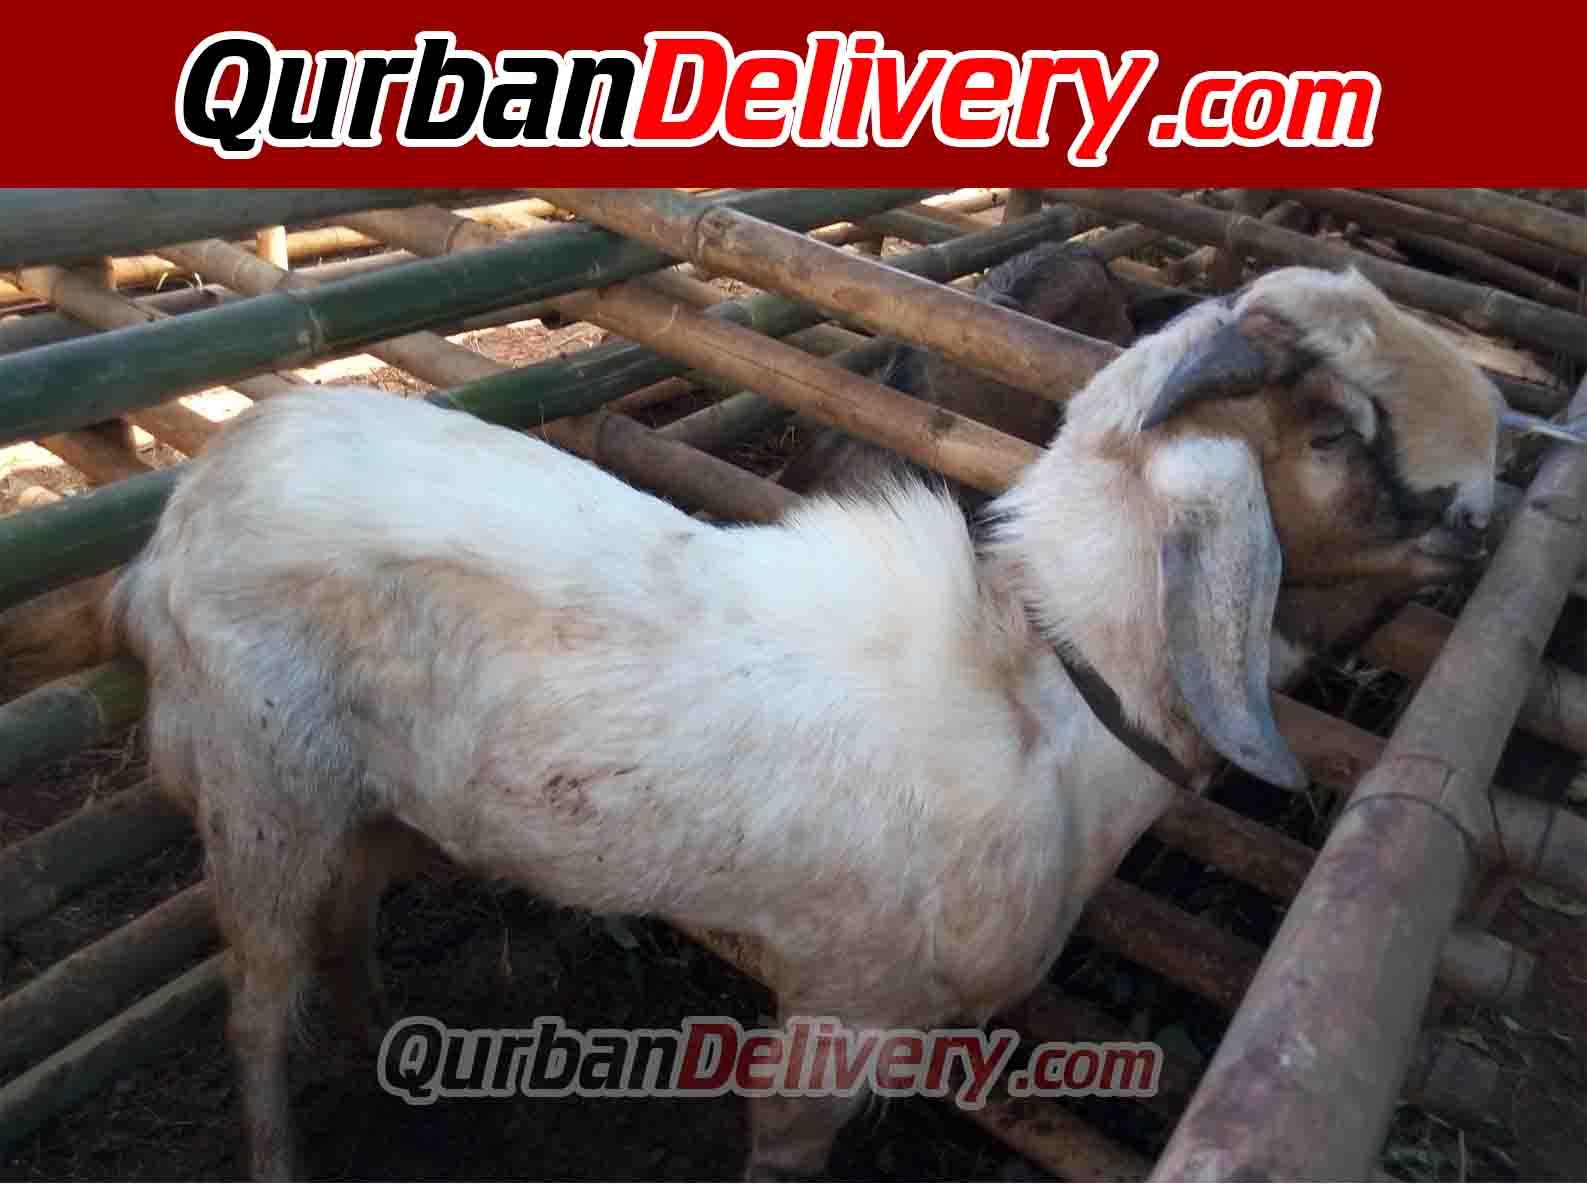 Namun, sebagai acuan berikut harga kambing qurban 2021 jakarta,. Harga Sapi Limosin Qurban Di Cikarang Prediksi 2021-Qurban Delivery